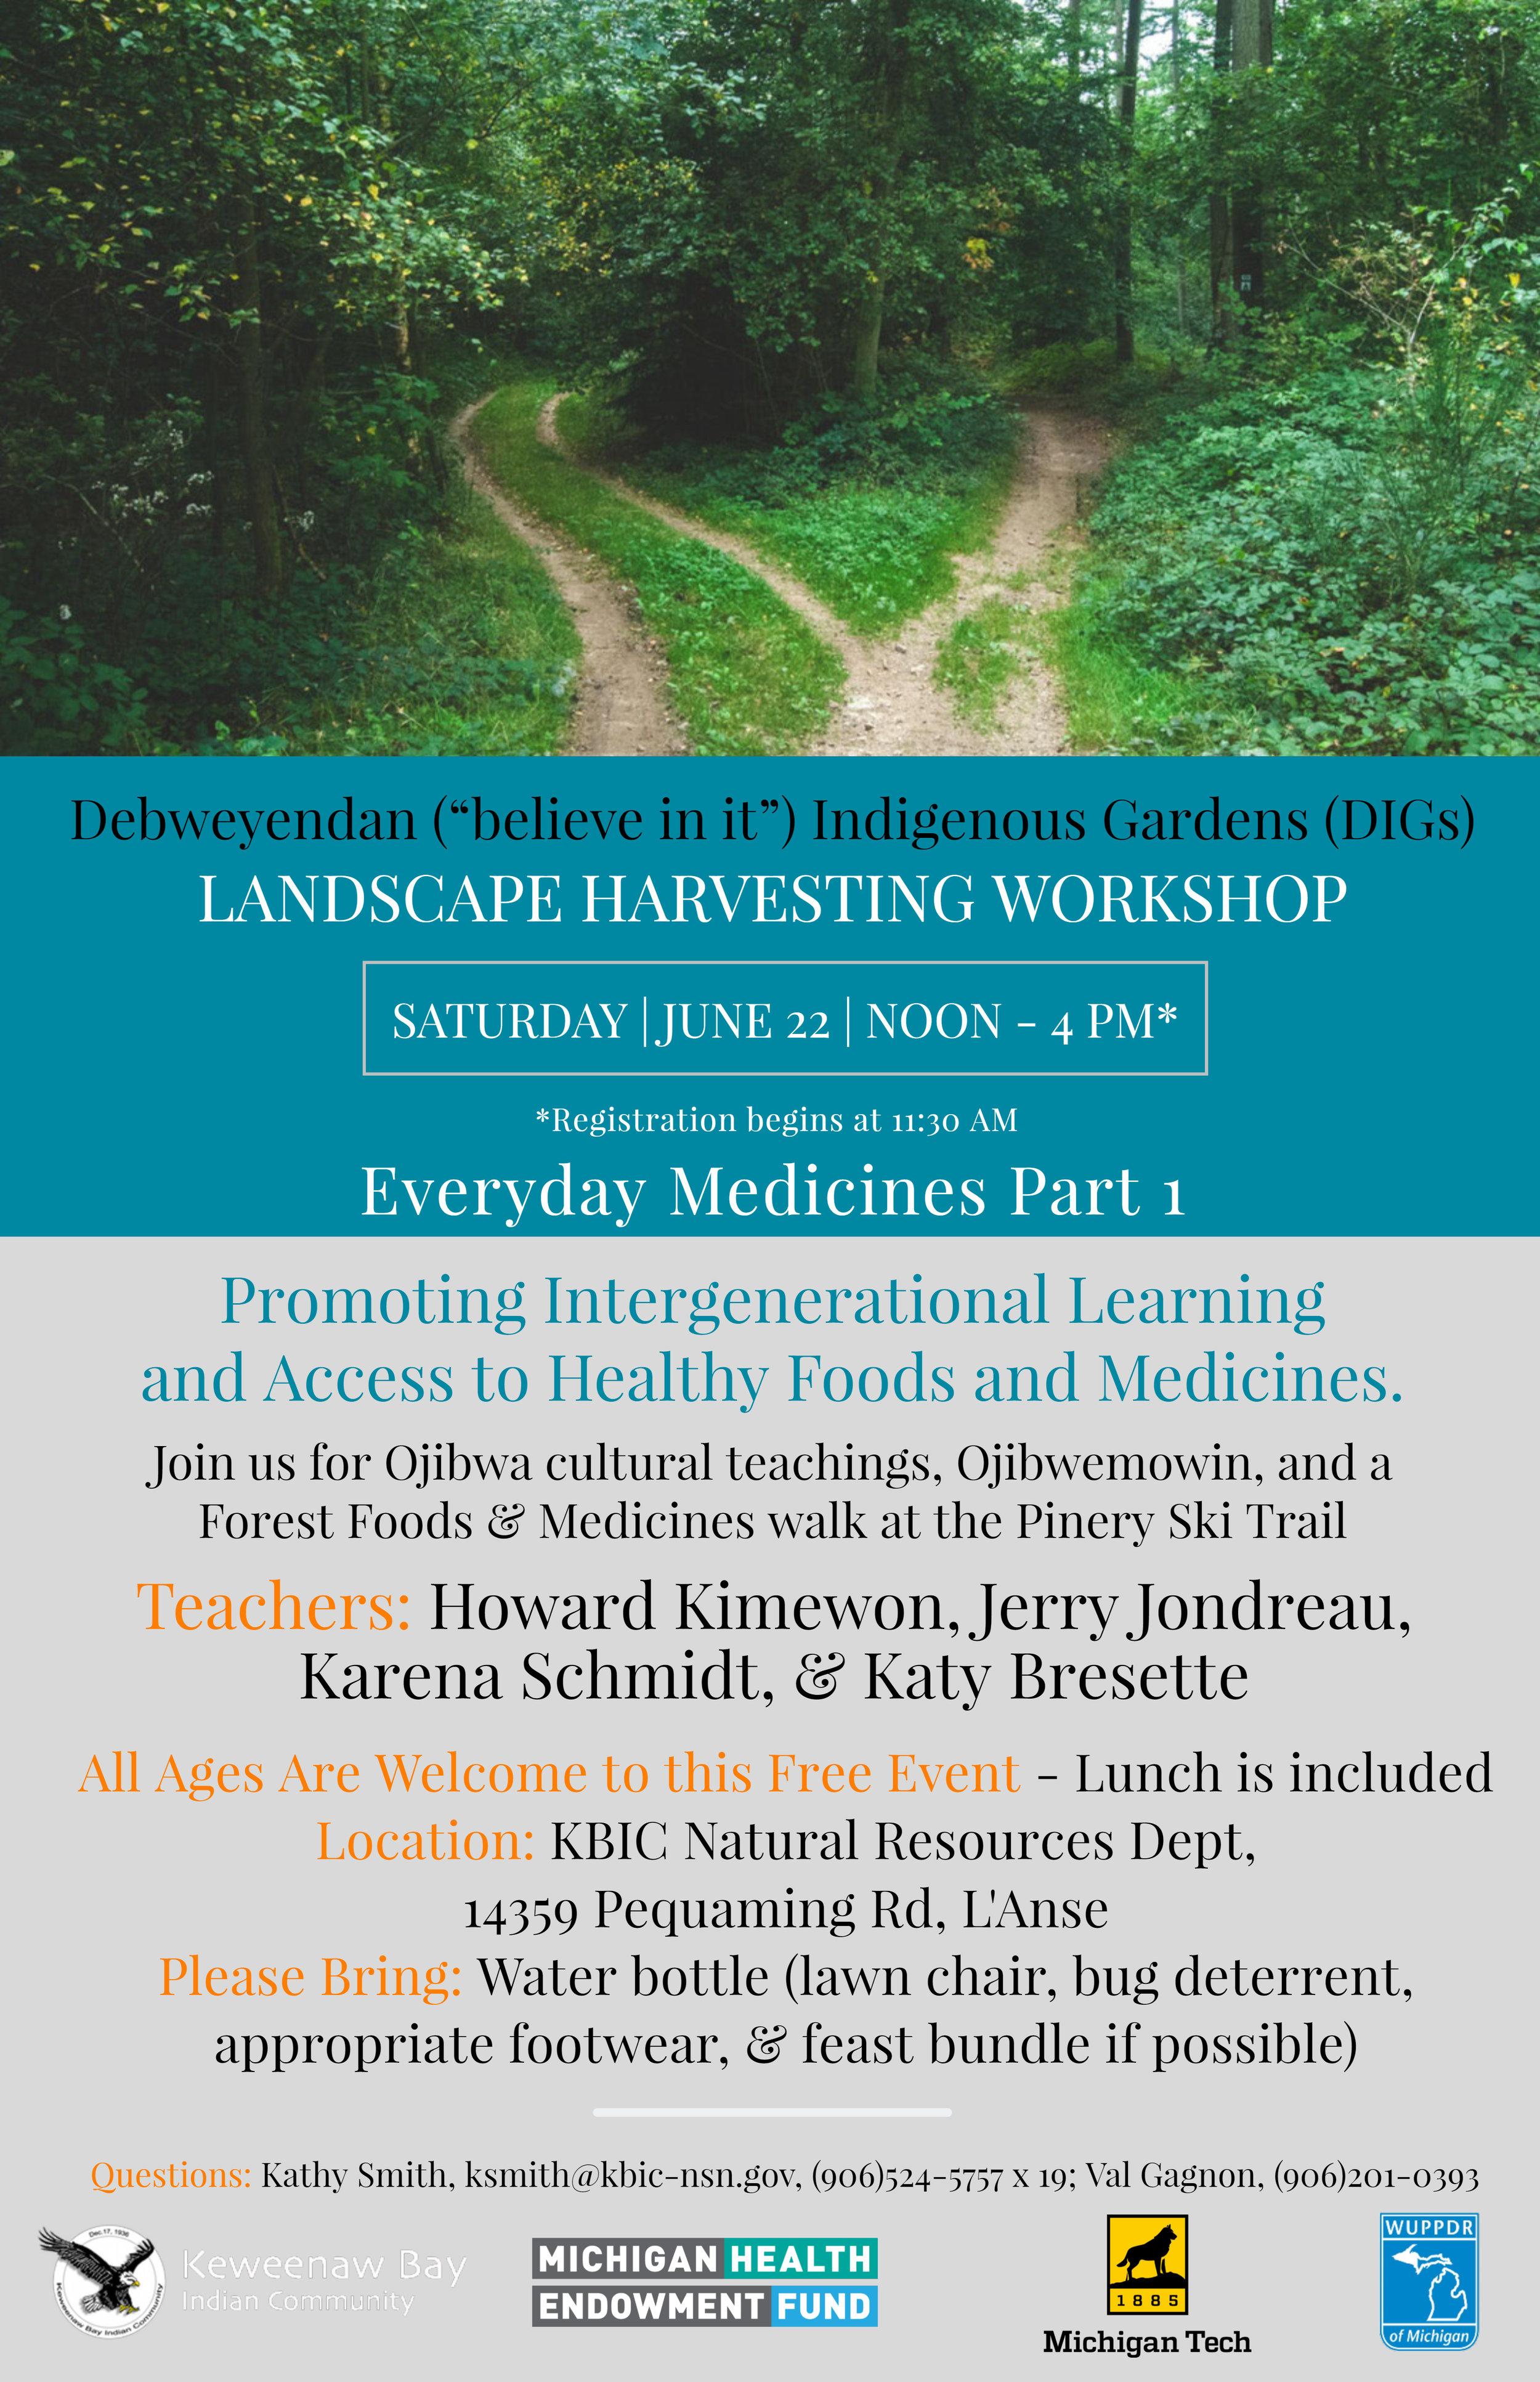 Landscape Harvesting Workshop Flyer June 22 v2.jpg